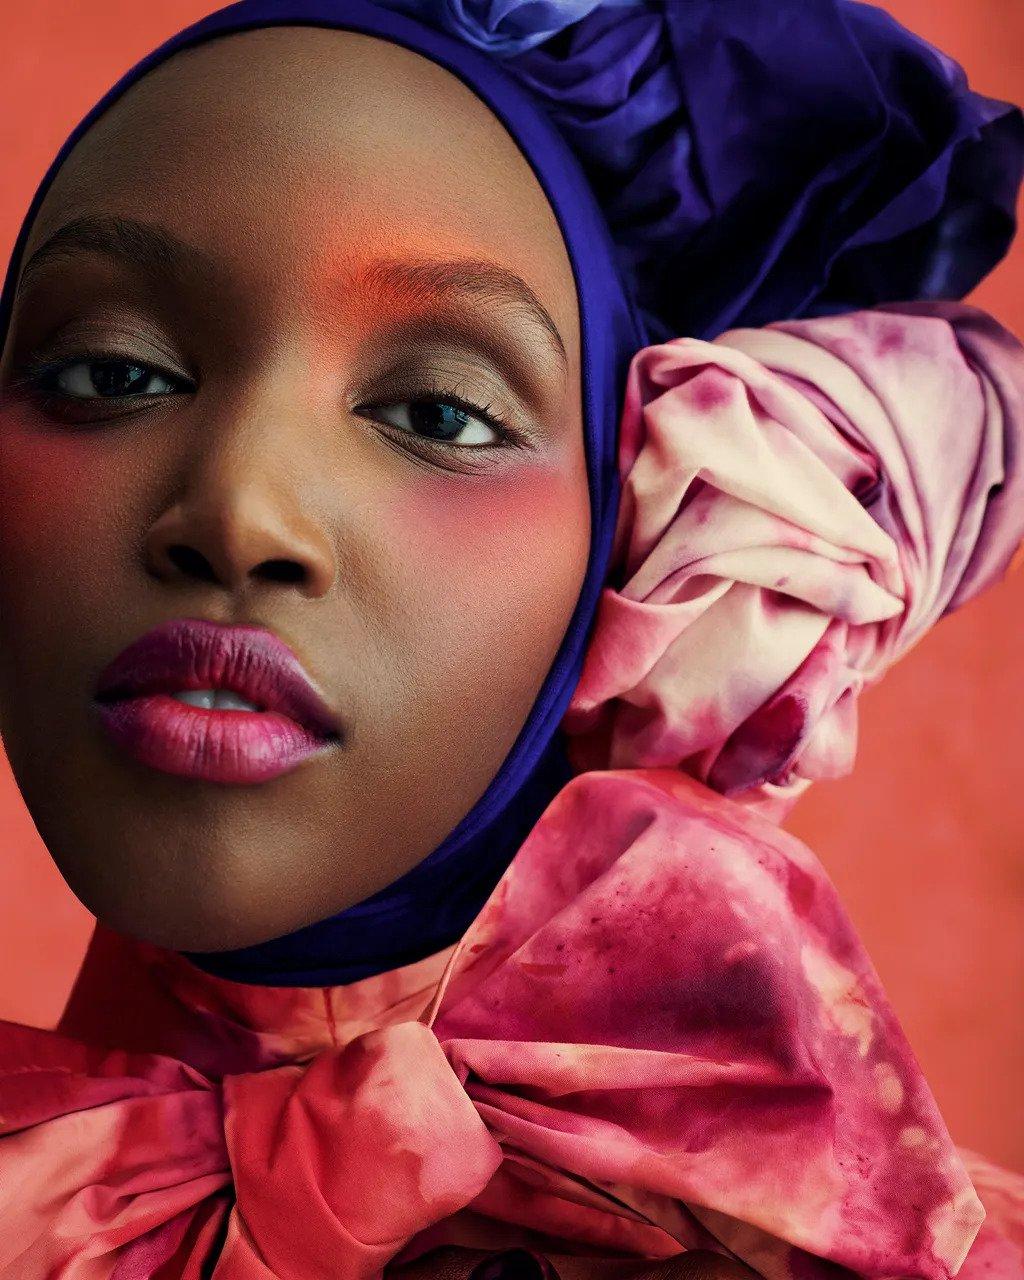 Zara lanserer sin første skjønnhetslinje Zara Beauty - se bildene her